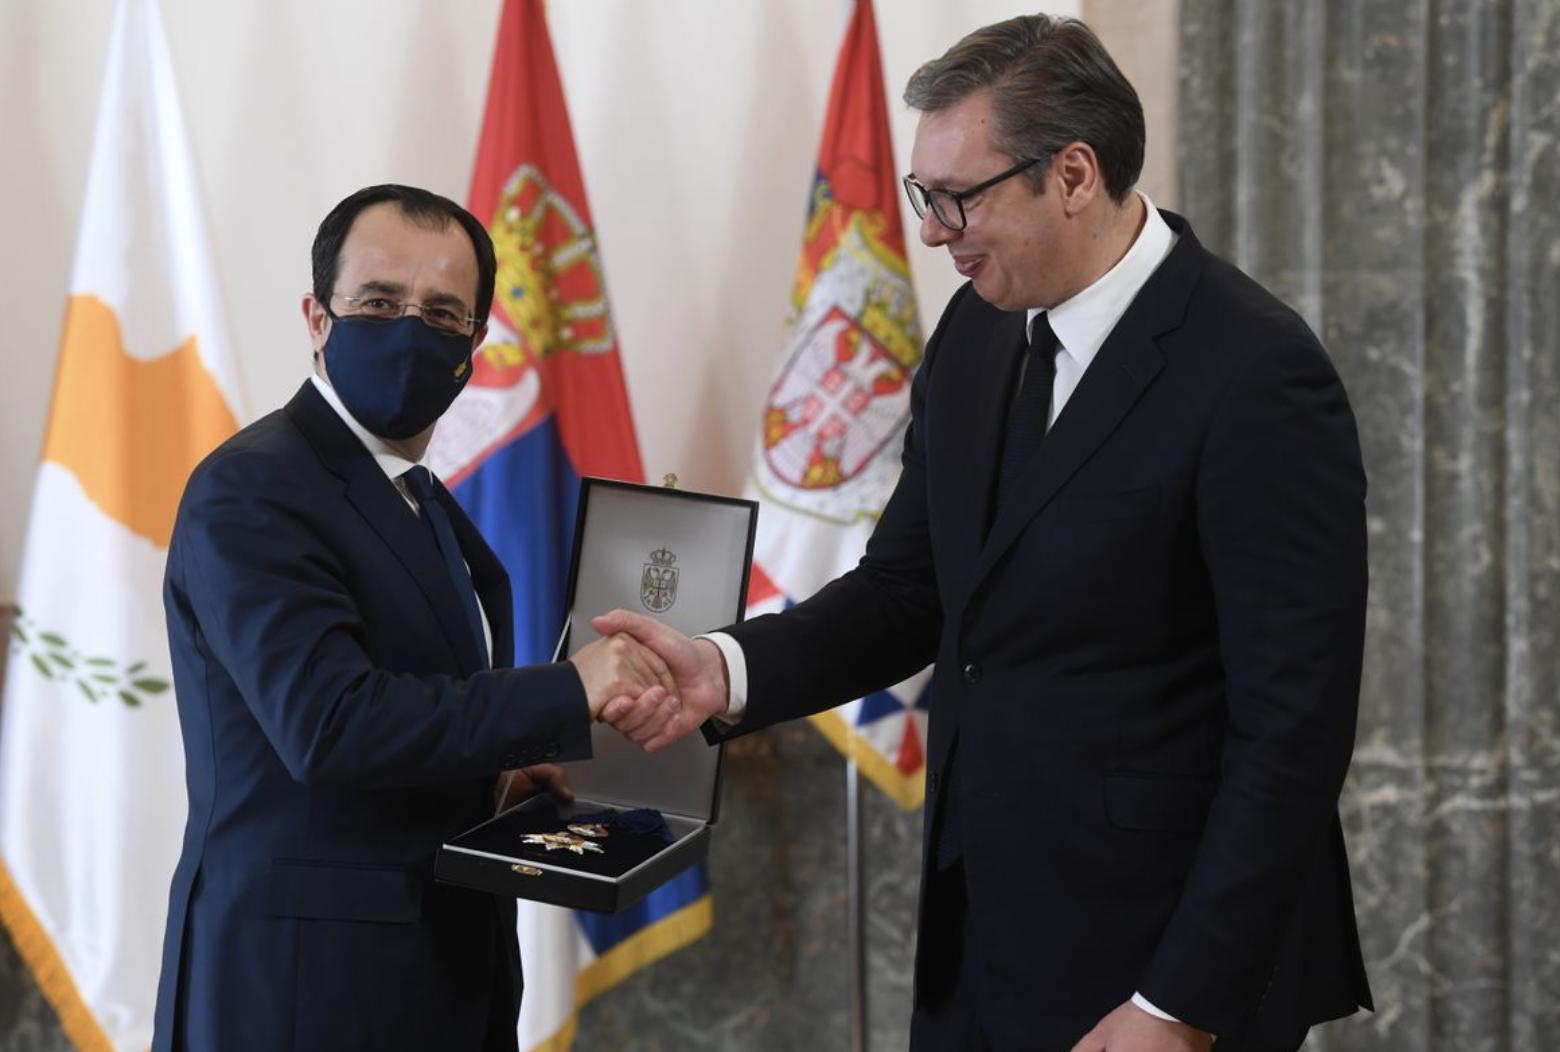 Srbija: Predsednik Vučić dodelio kiparskom ministru Christodoulidesu Orden srpske zastave